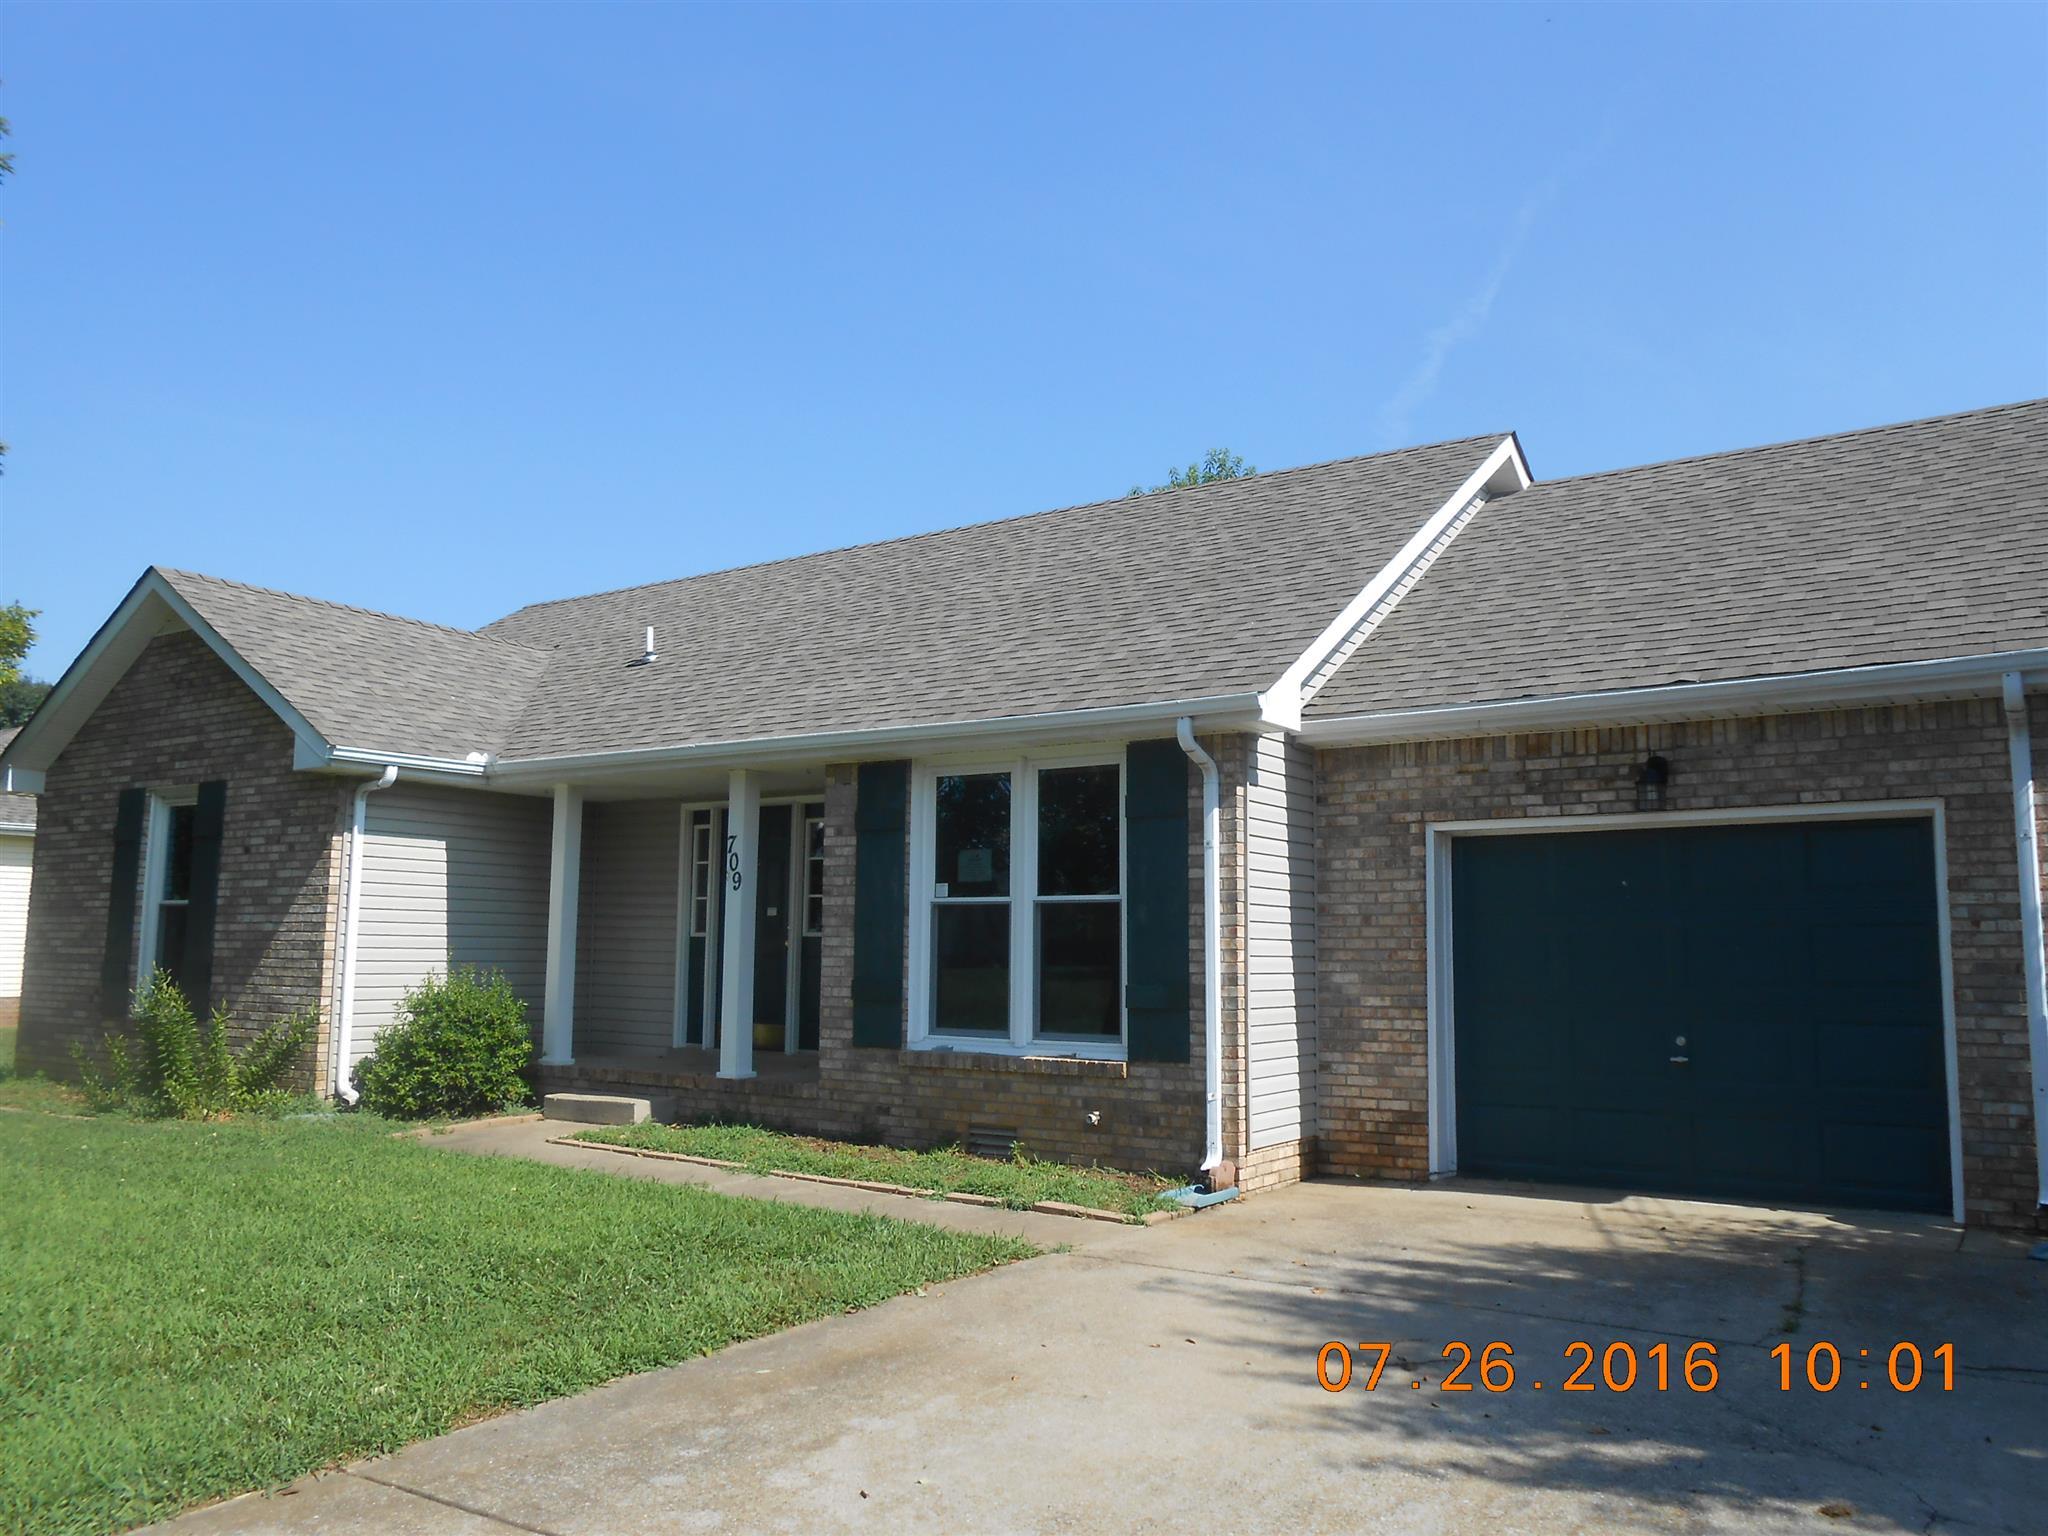 709 Buttercup Dr, Clarksville, TN 37040